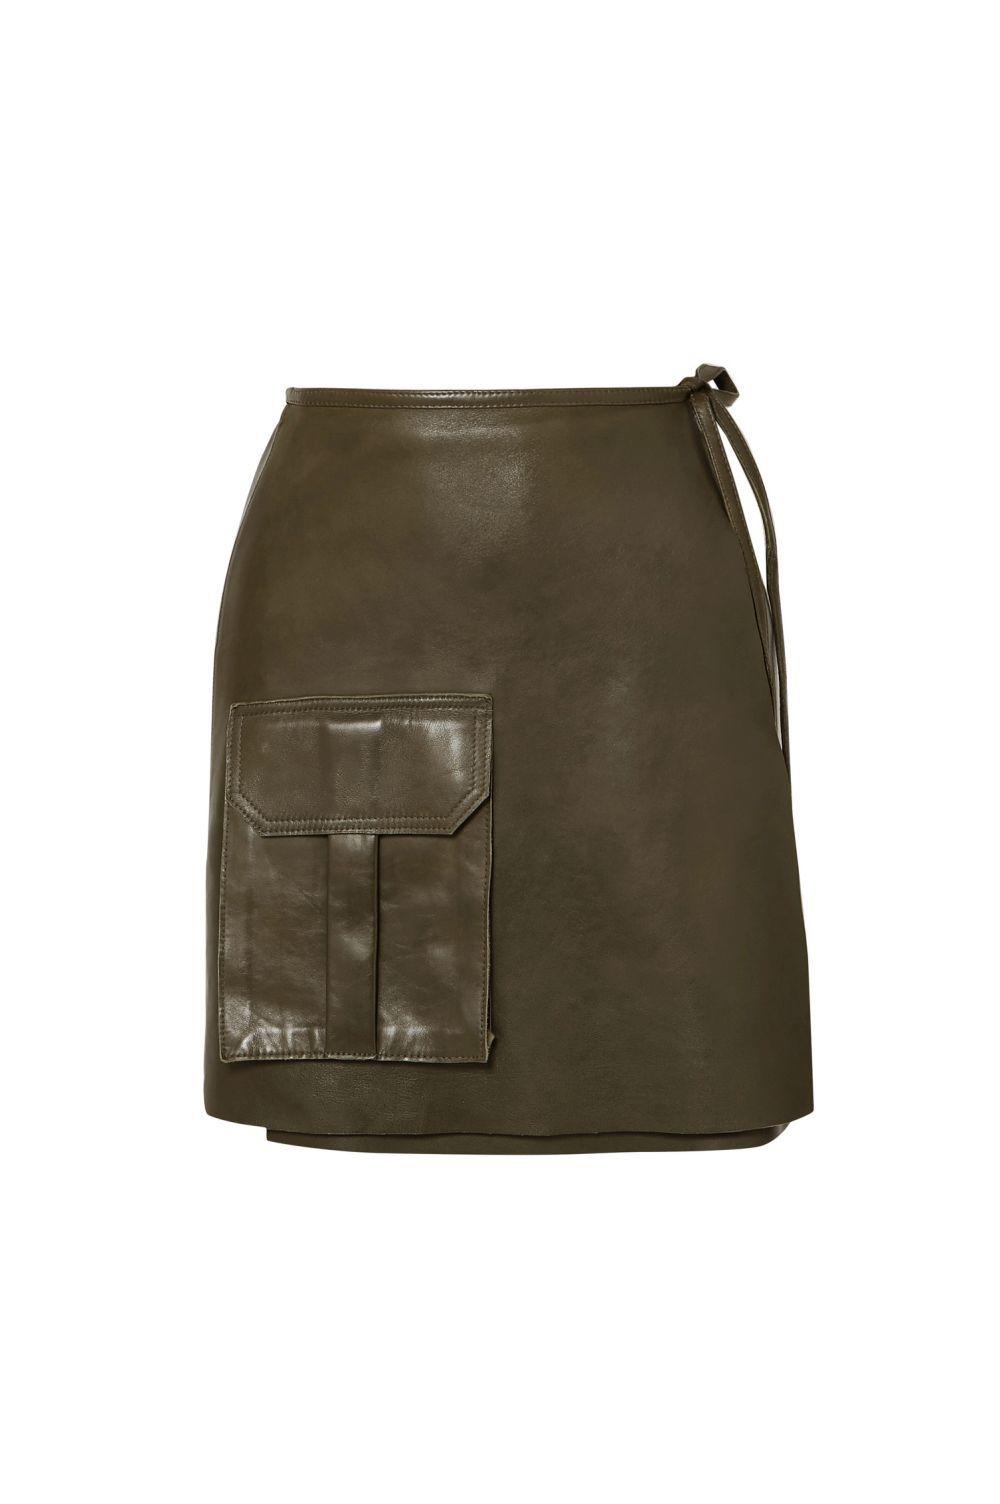 Minifalda de piel, de Ganni (290 euros)